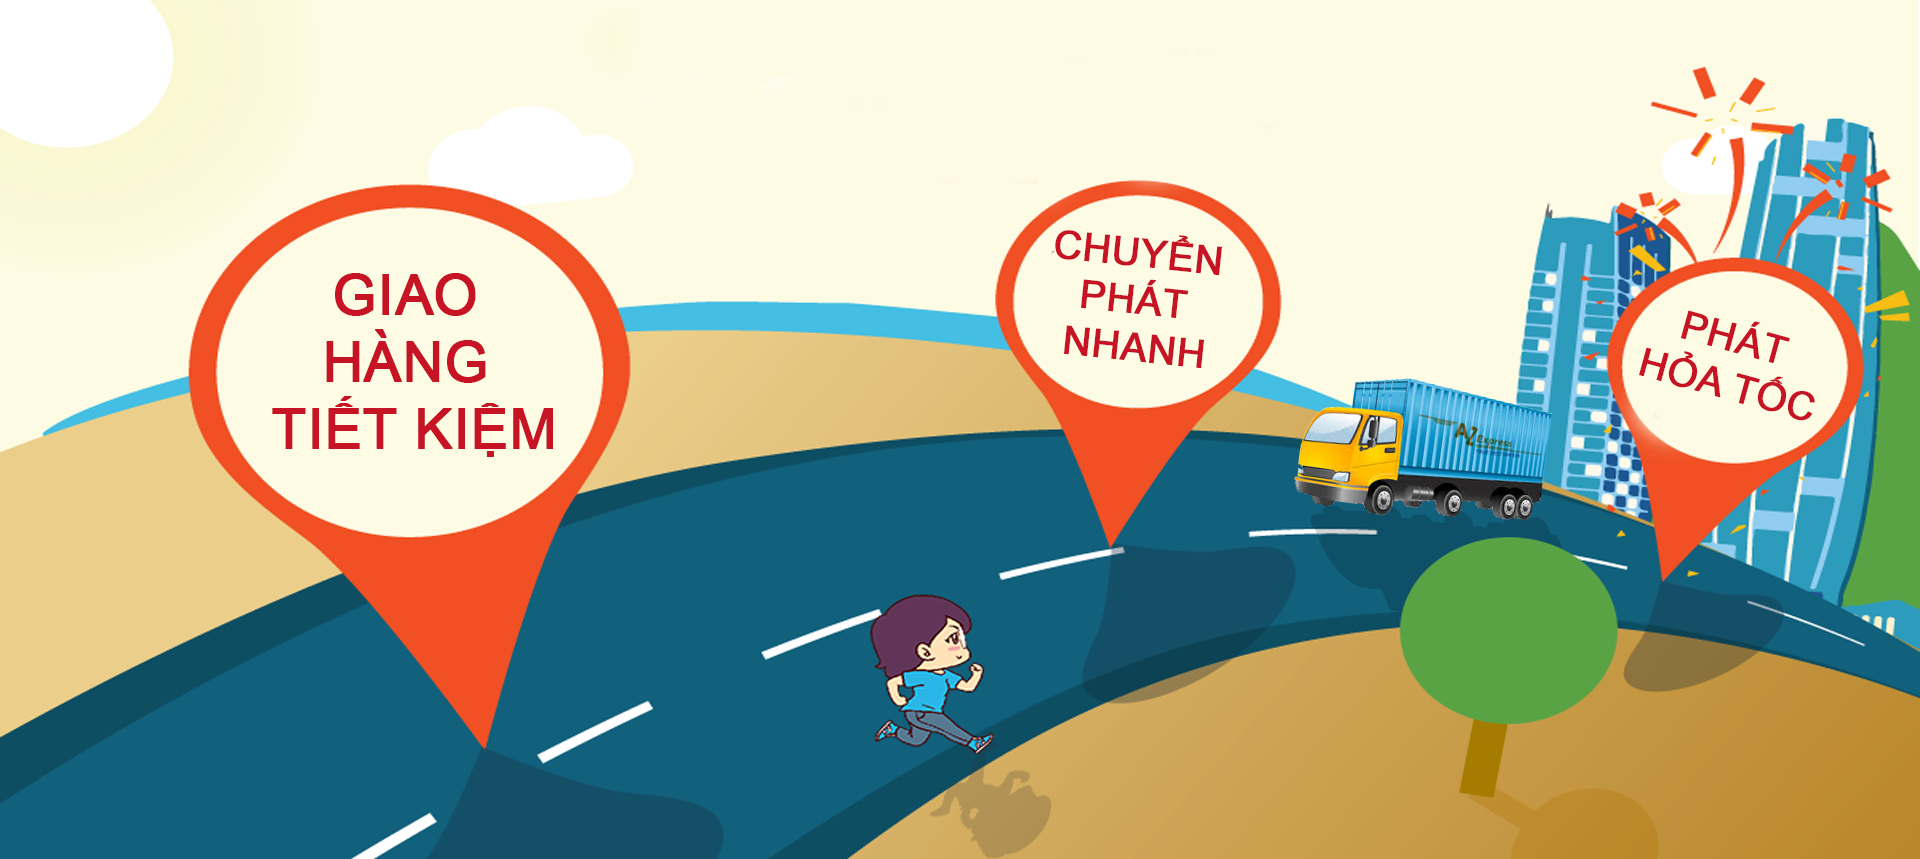 Chuyen phat nhanh hoa toc Can Tho di Thanh Hoa